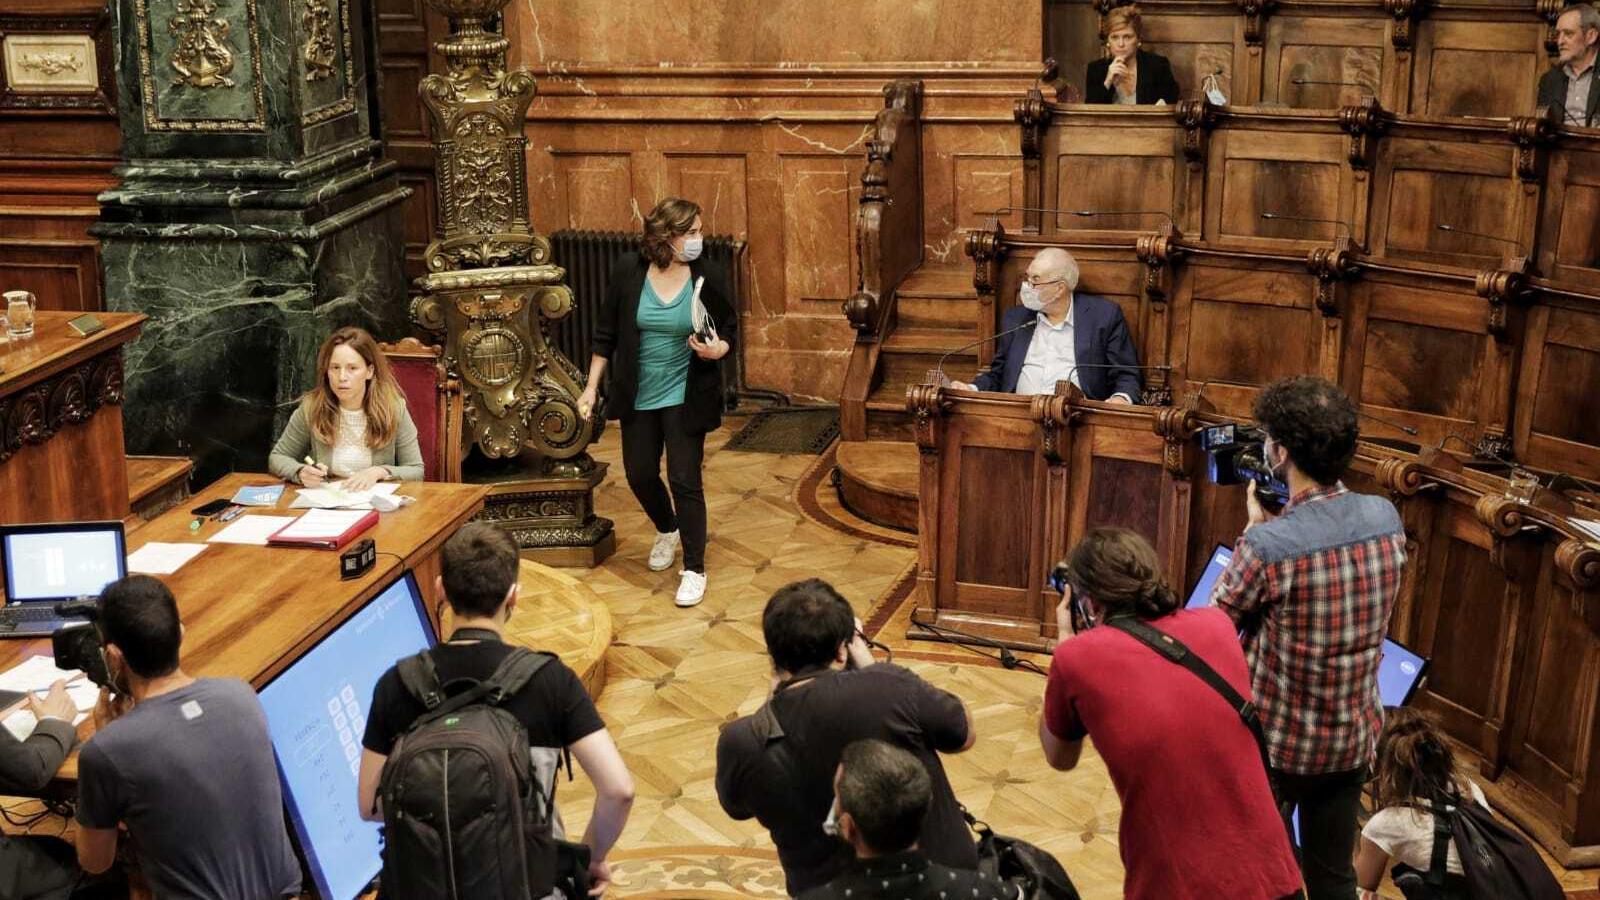 L'Ajuntament de Barcelona retreu a Valls el desallotjament de famílies gitanes a París el 2013